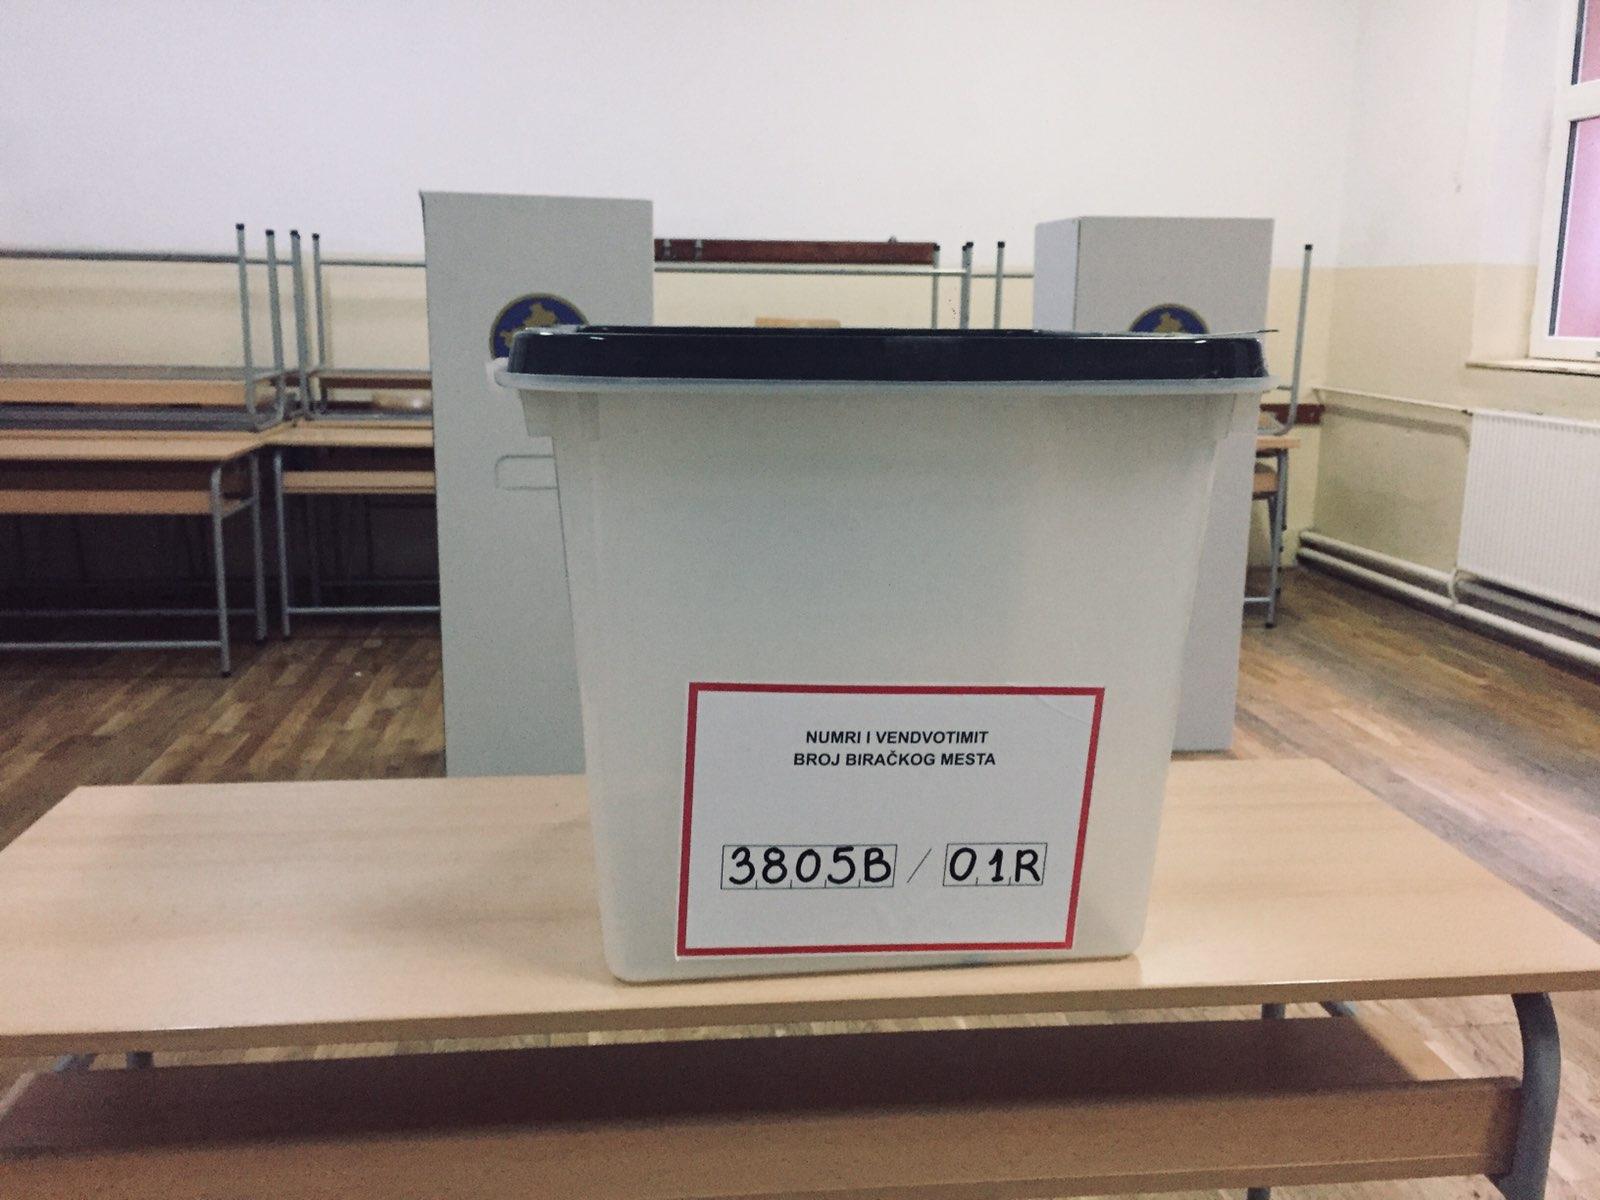 izbori-za-gradonacelnika-severne-mitrovice-i-podujeva-29-novembra